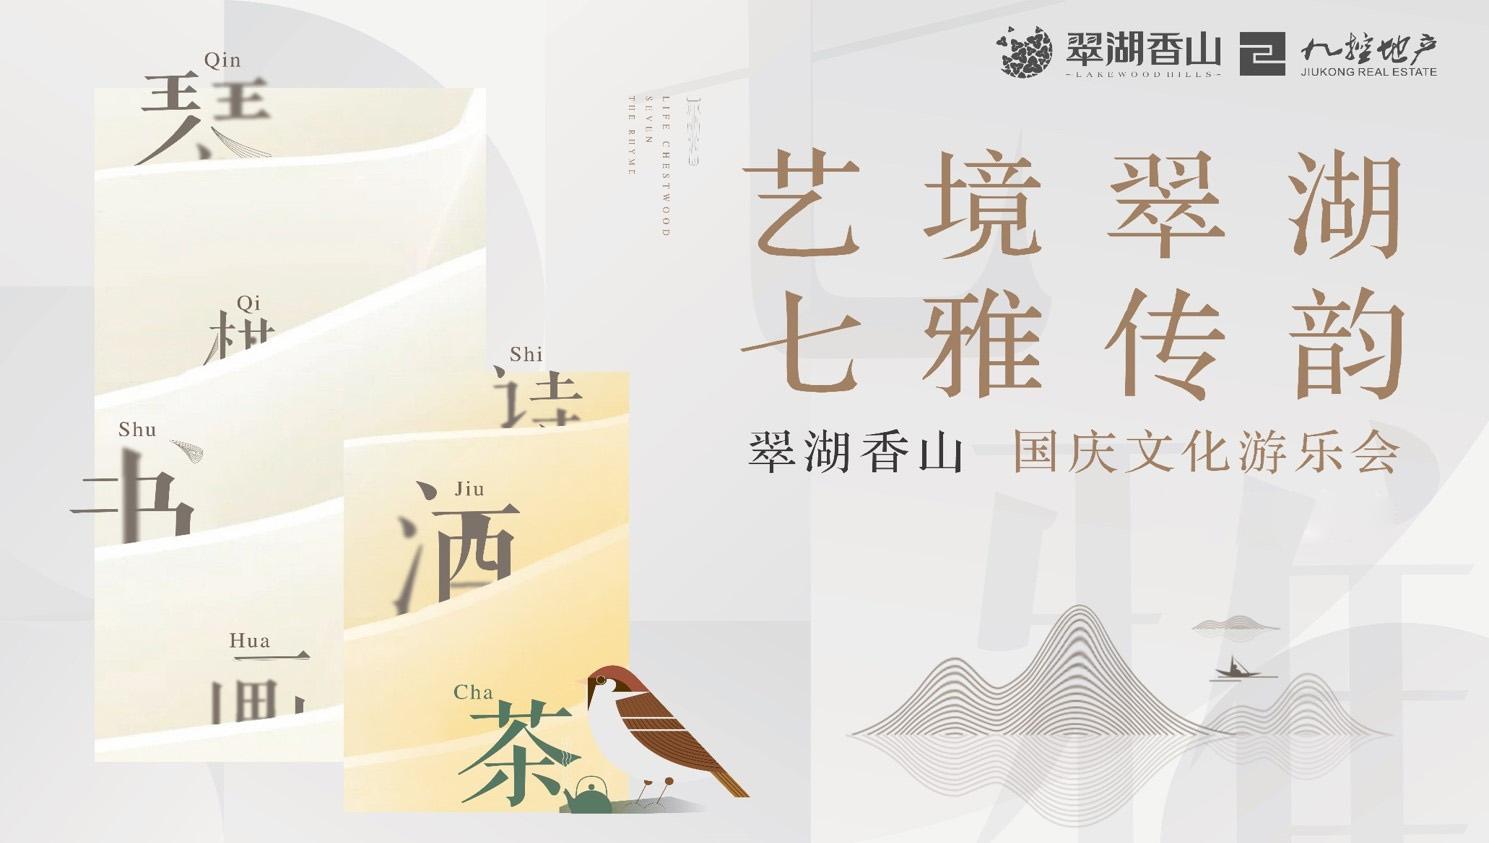 翠湖香山 国庆文化游乐会